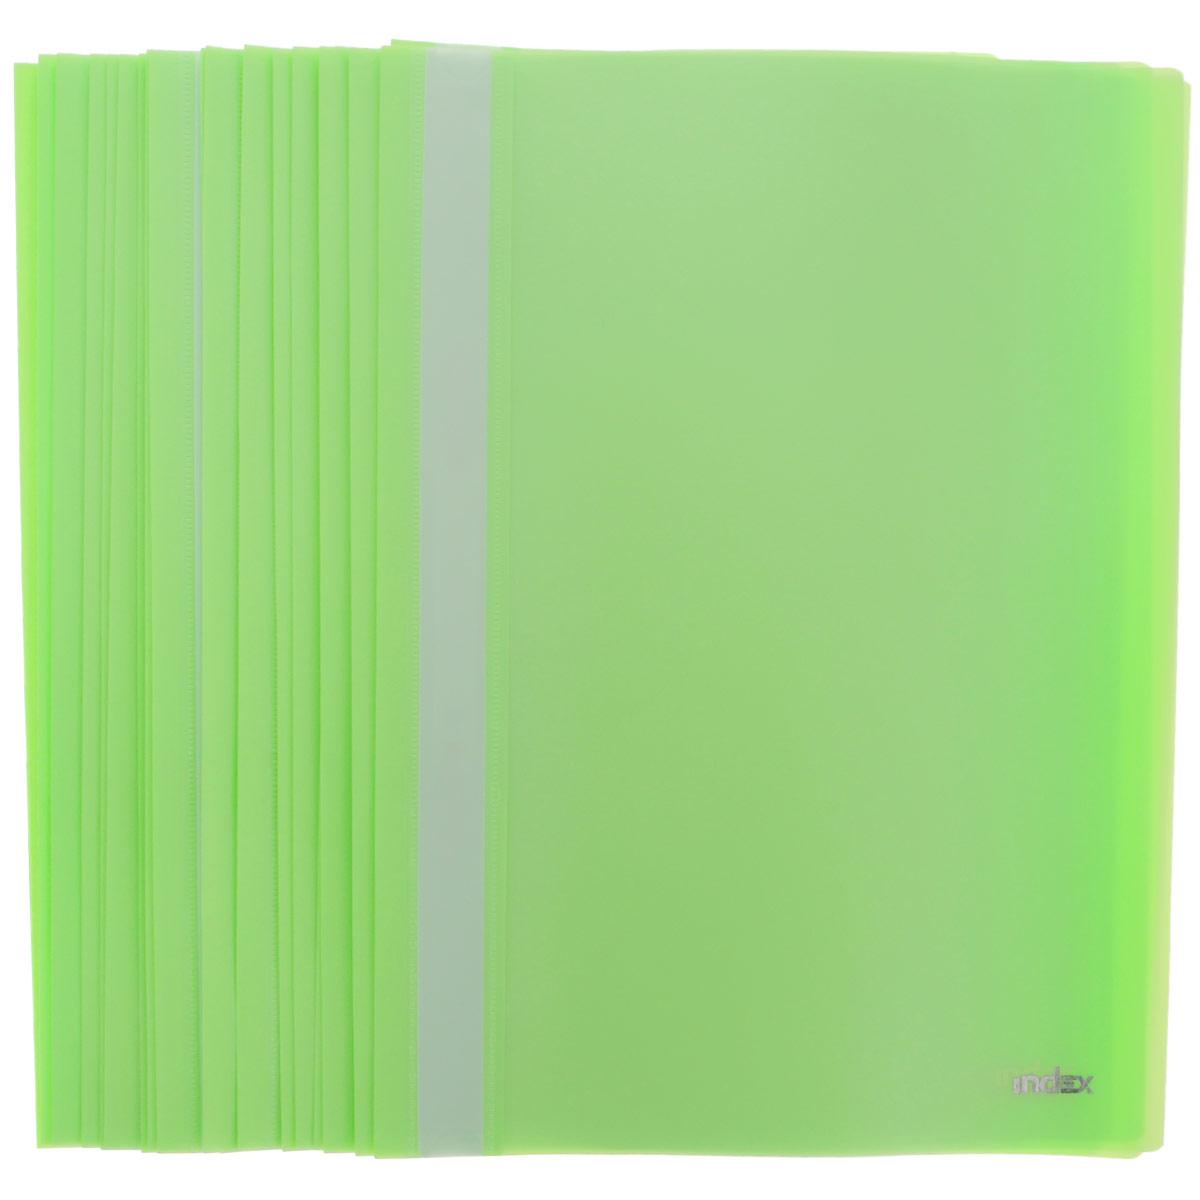 Папка-скоросшиватель Index, цвет: салатовый. Формат А4, 20 штK13293Папка-скоросшиватель Index, изготовленная из высококачественного полипропилена, это удобный и практичный офисный инструмент, предназначенный для хранения и транспортировки рабочих бумаг и документов формата А4. Папка оснащена верхним прозрачным матовым листом и металлическим зажимом внутри для надежного удержания бумаг. В наборе - 20 папок.Папка-скоросшиватель - это незаменимый атрибут для студента, школьника, офисного работника. Такая папка надежно сохранит ваши документы и сбережет их от повреждений, пыли и влаги.Комплектация: 20 шт.